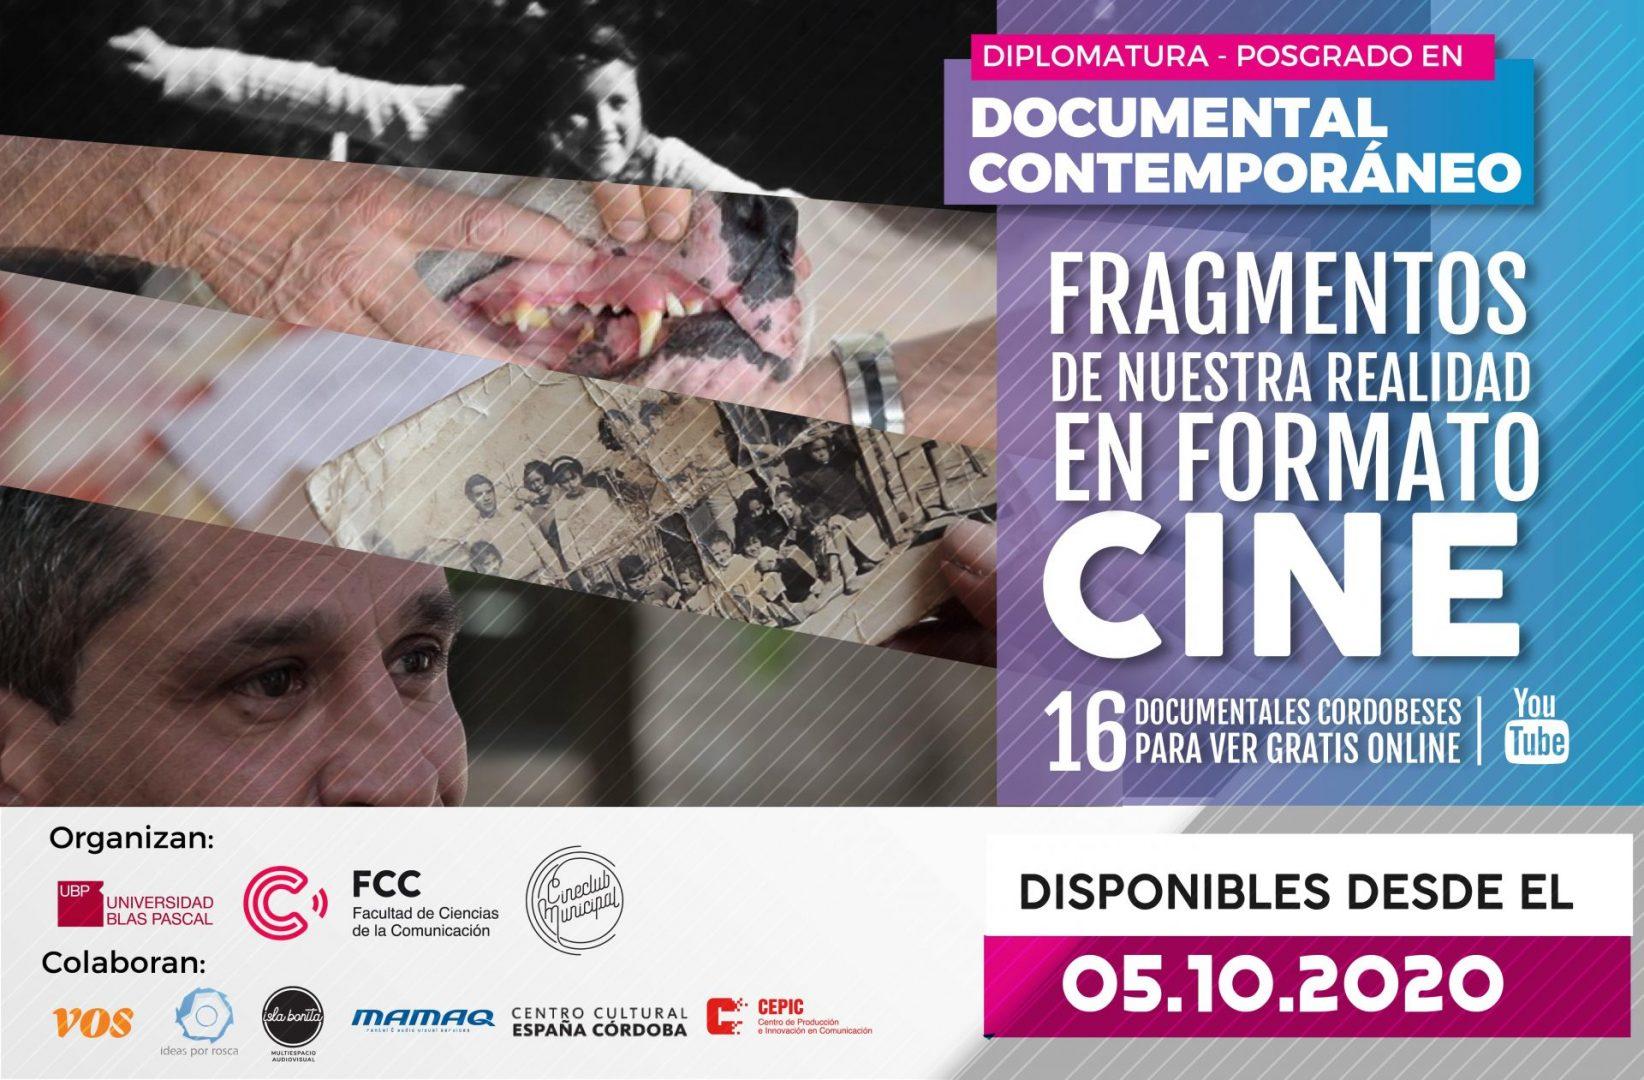 Realidad en formato cine: 16 documentales cordobeses para ver